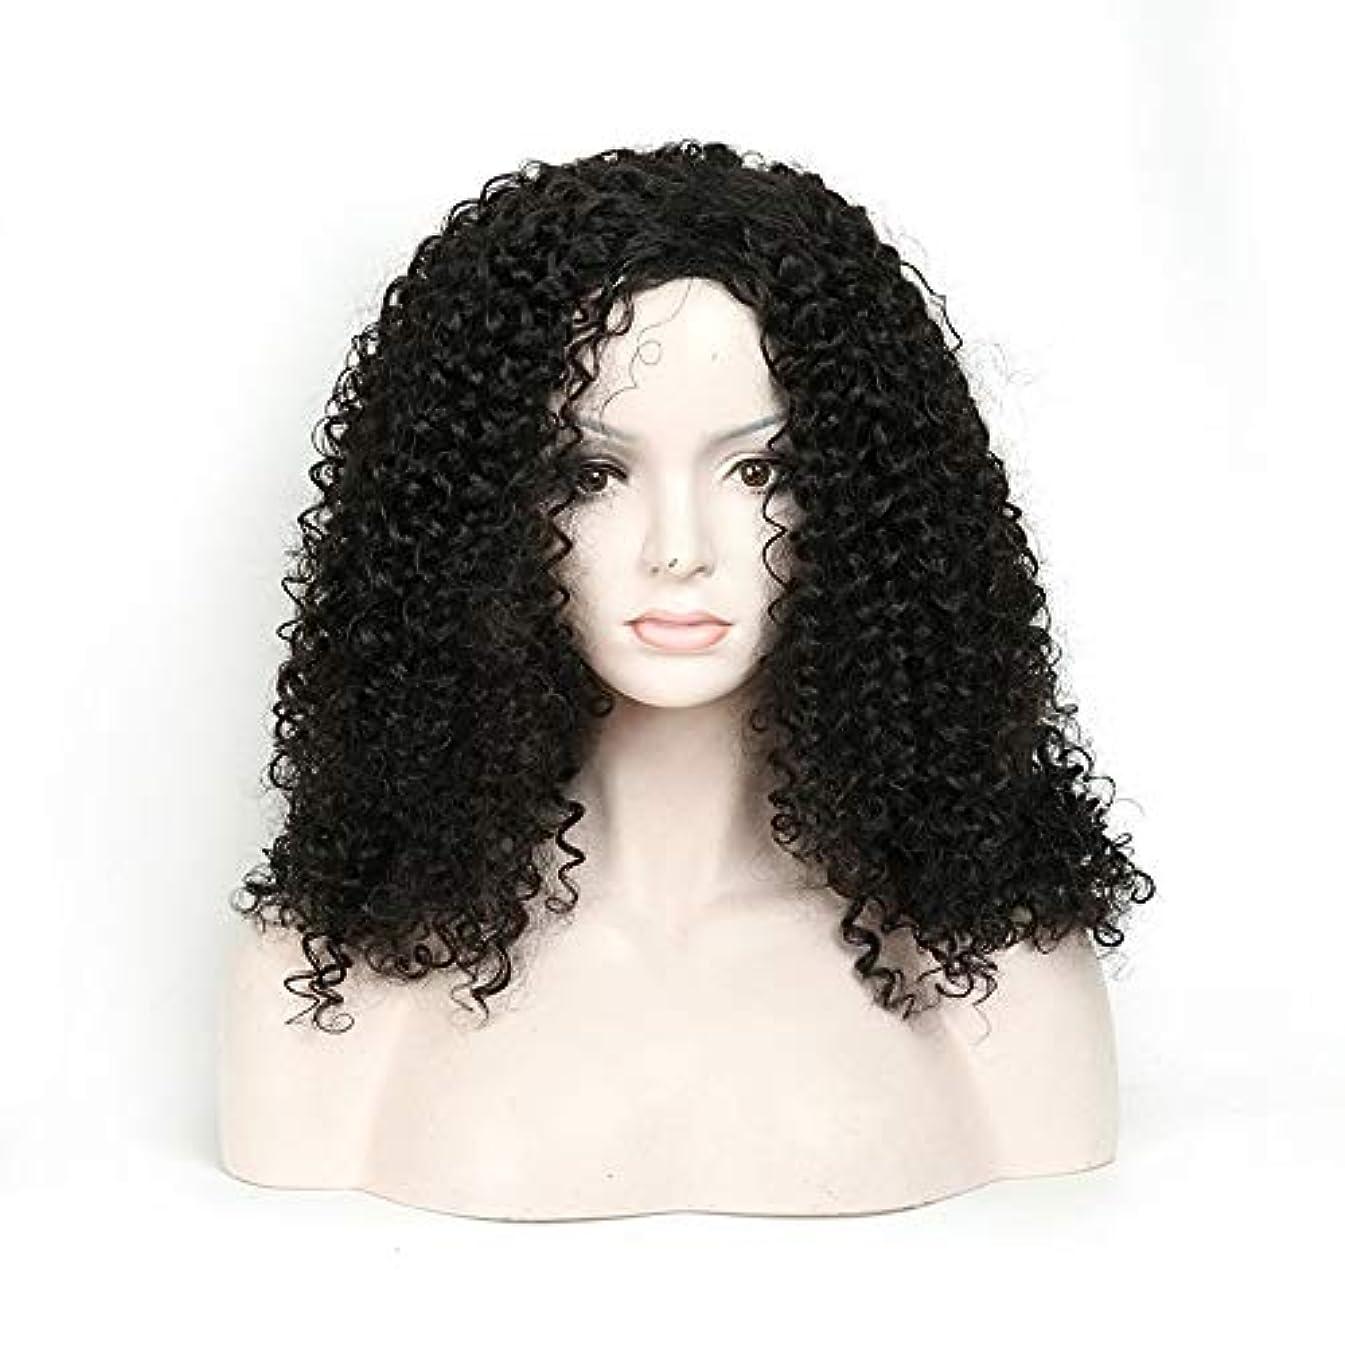 ちっちゃい大気気体のMayalina 人工毛アフリカブラックロングカーリーウィッグ18インチ女性用デイリードレスパーティーウィッグ (色 : 黒)